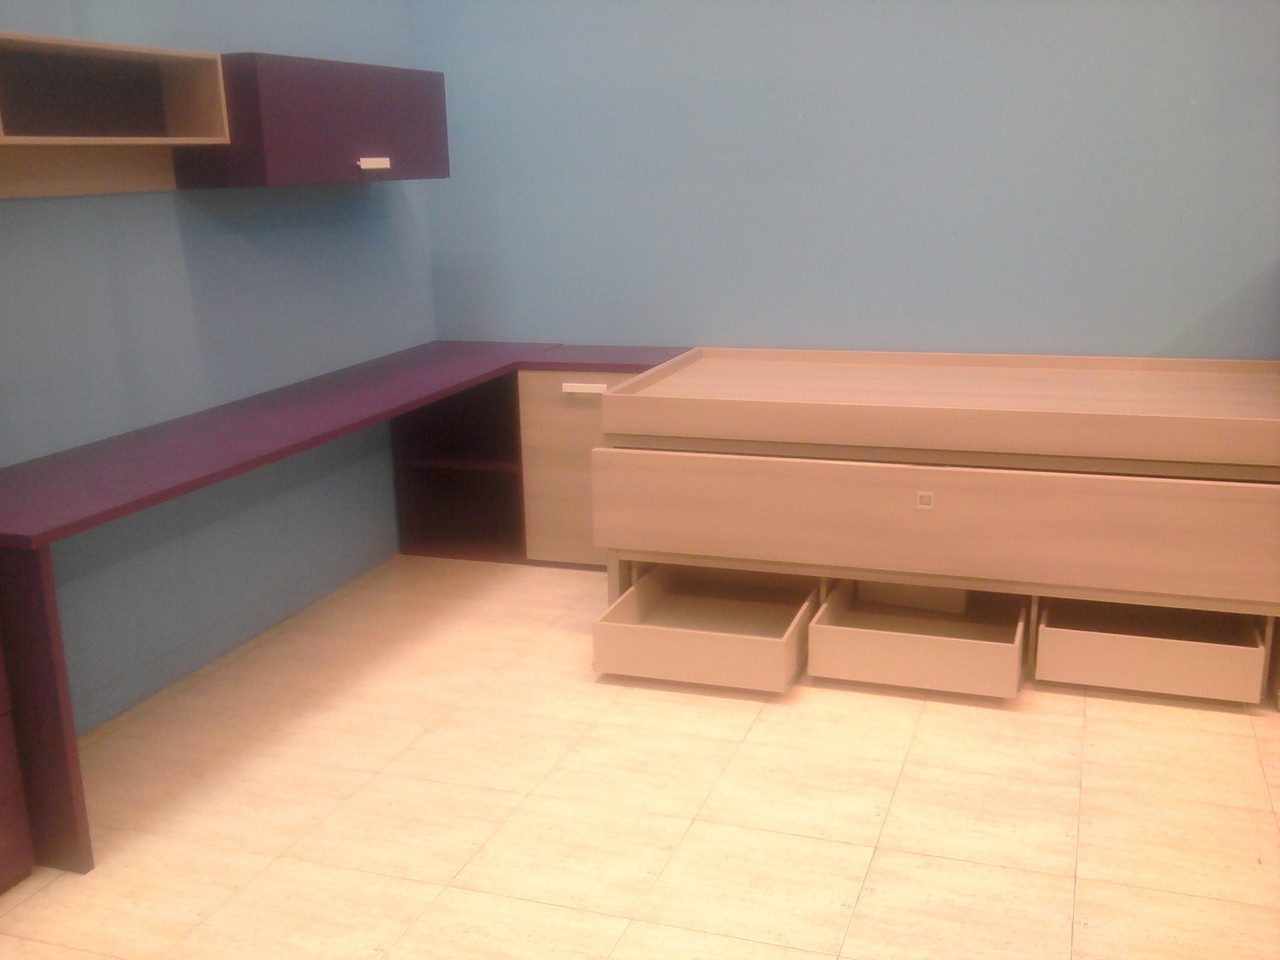 Composicion juvenil formada por camas mesa de estudio, y estanterias .